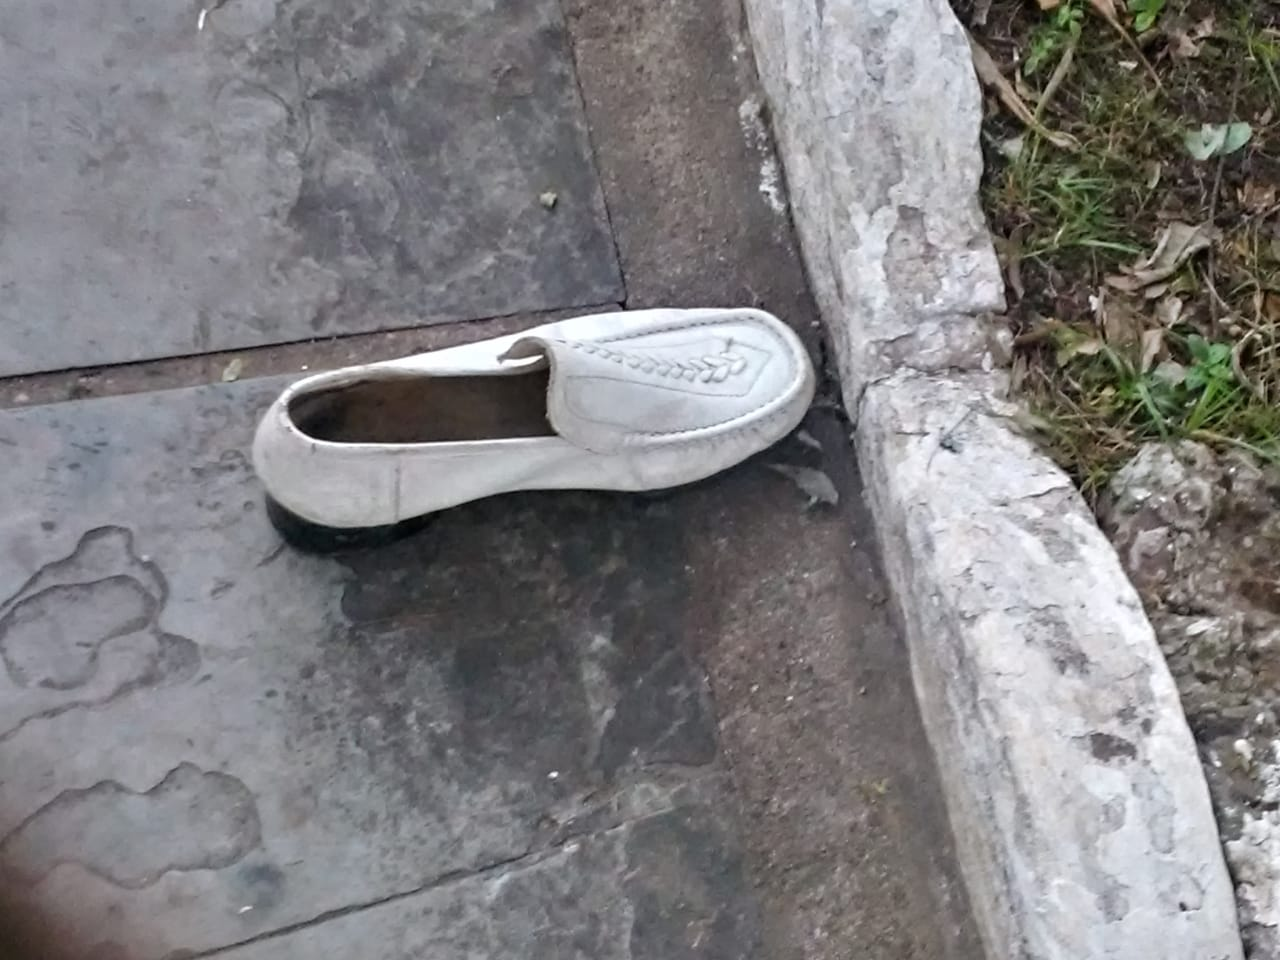 Parte dos sonhos de alguém ficou perdido com um sapato branco na Praça Getúlio Vargas